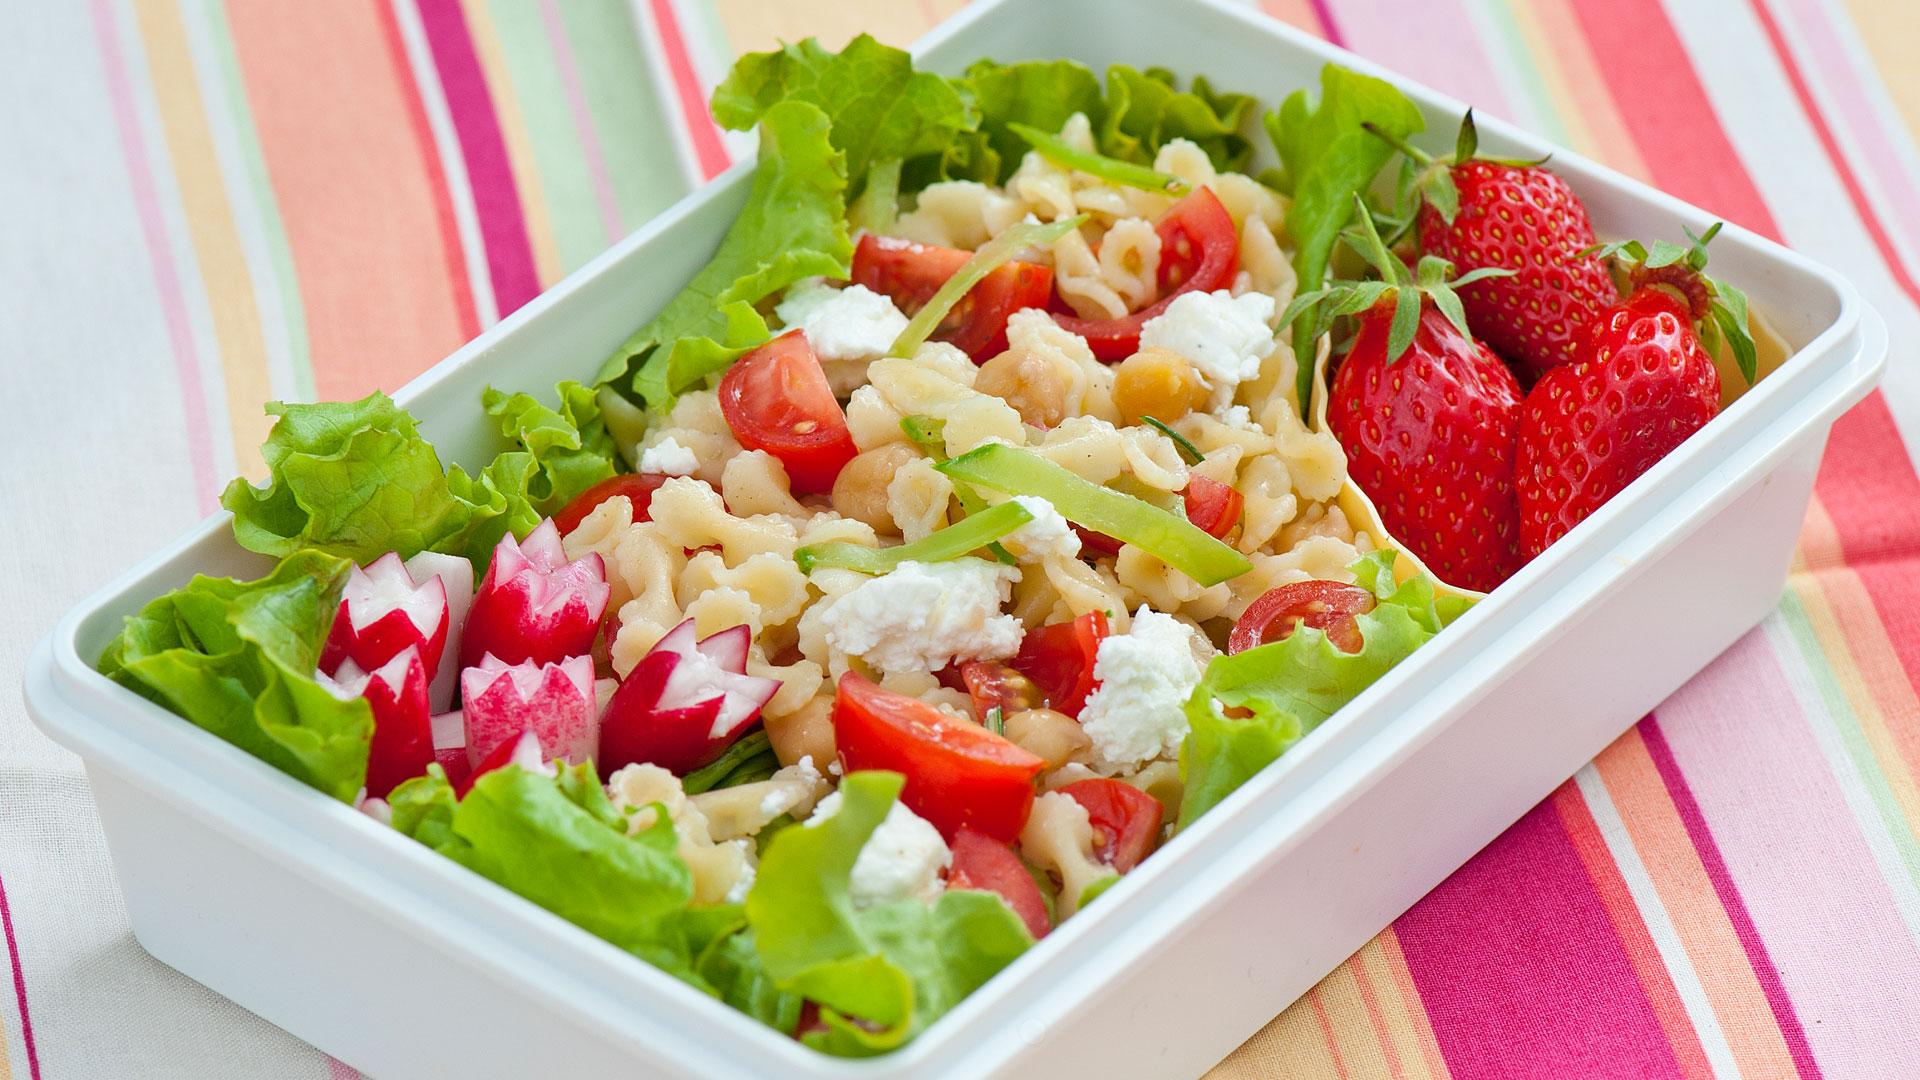 I 10 consigli per la pausa pranzo di foodwell dididonna - Consigli per pranzo ...